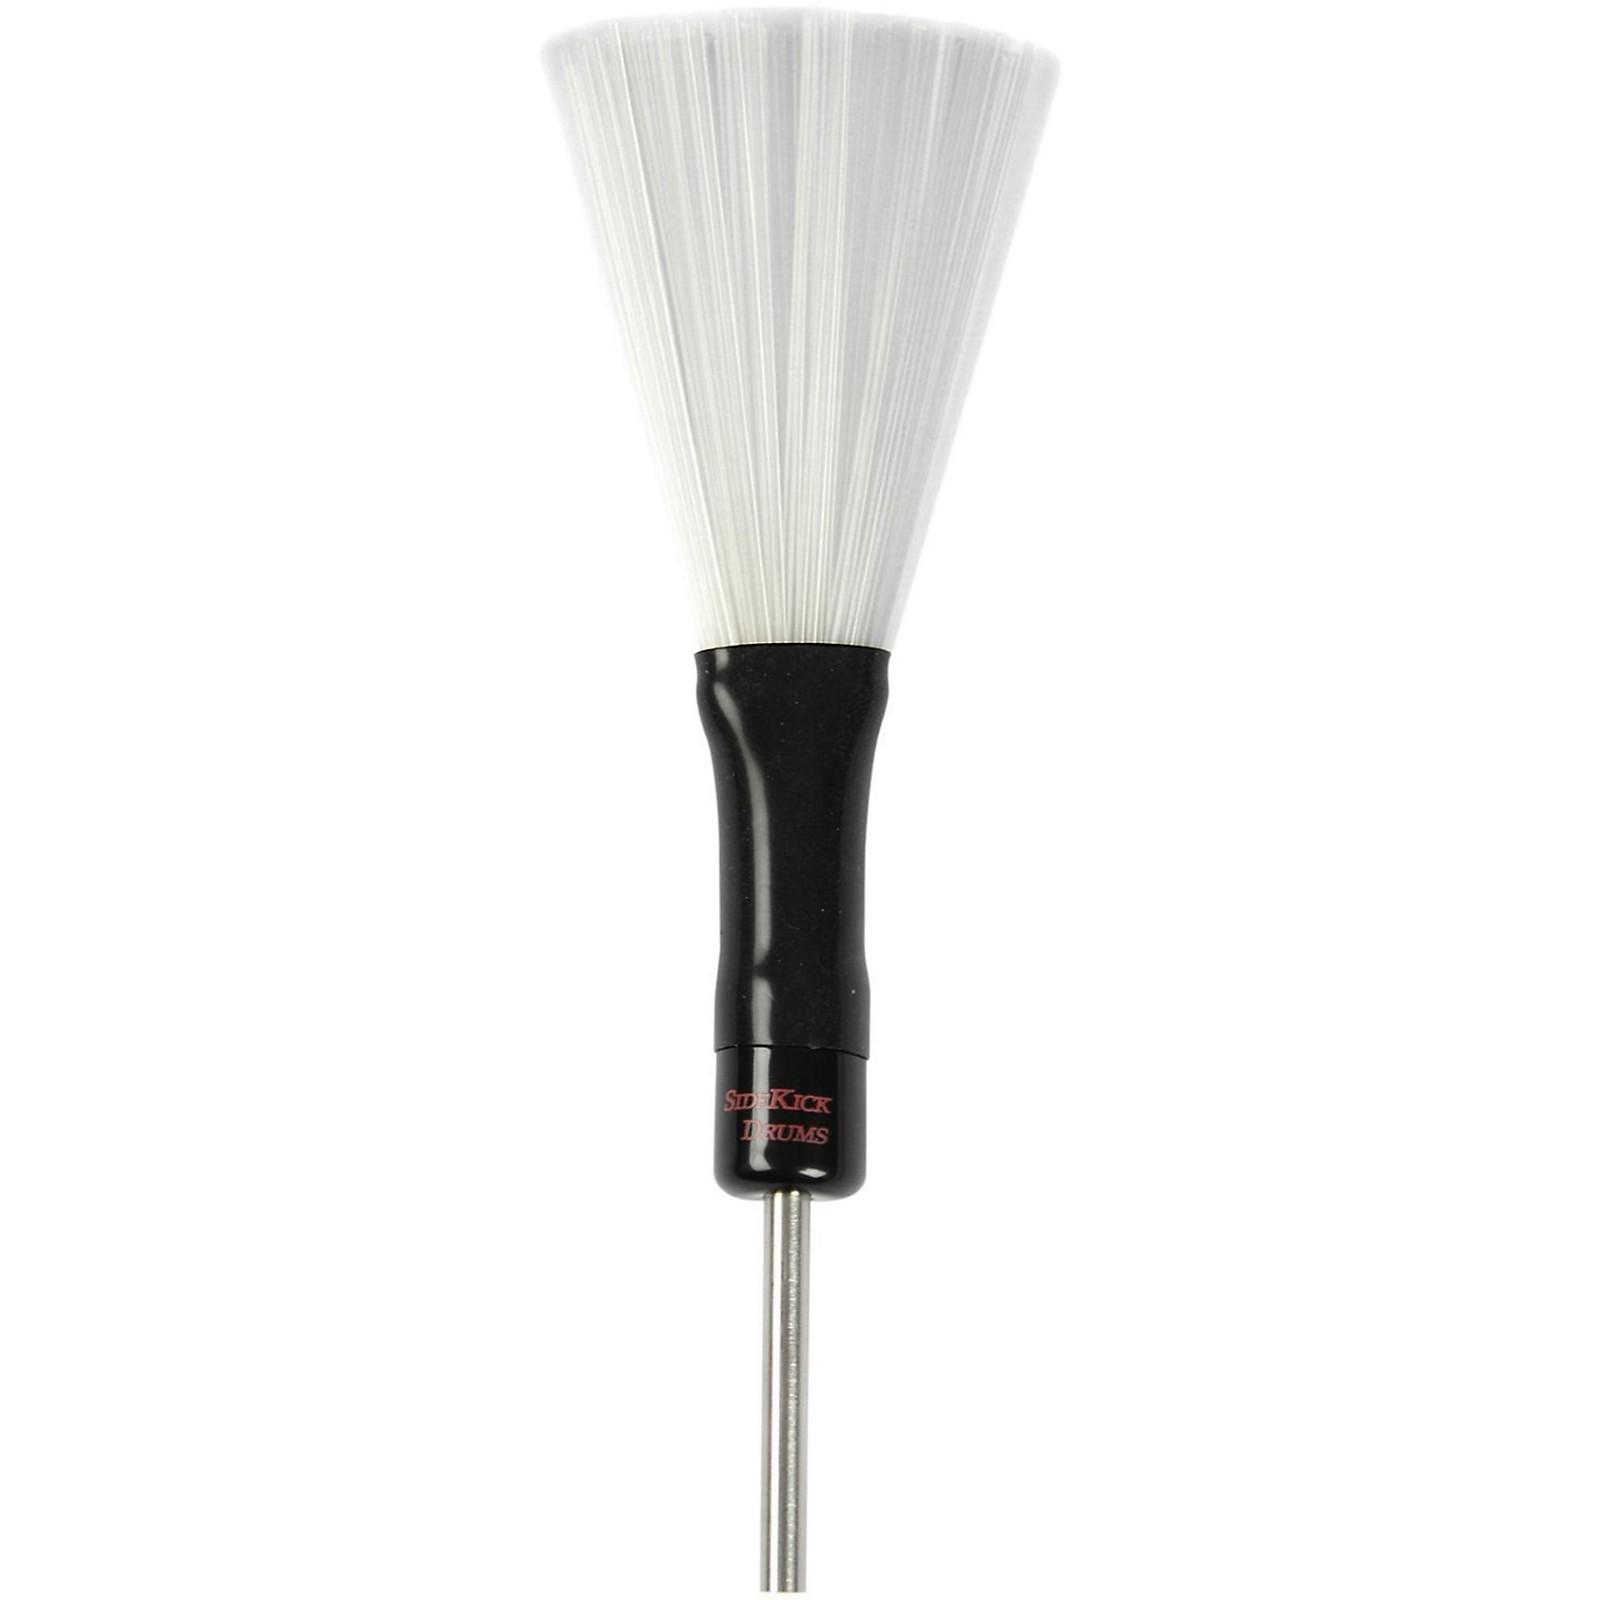 SideKick Drums Brush Beater